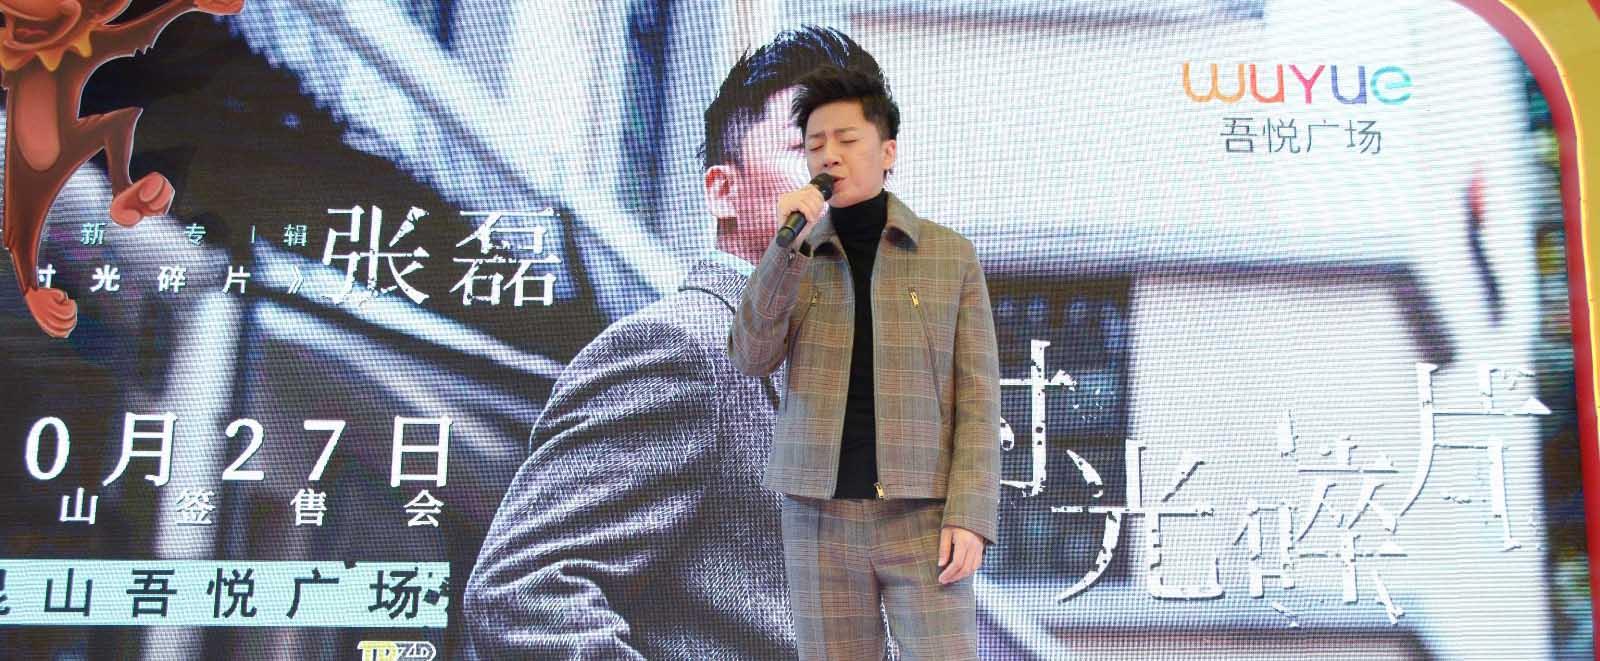 张磊昆山举办全新专辑《时光碎片》签唱会